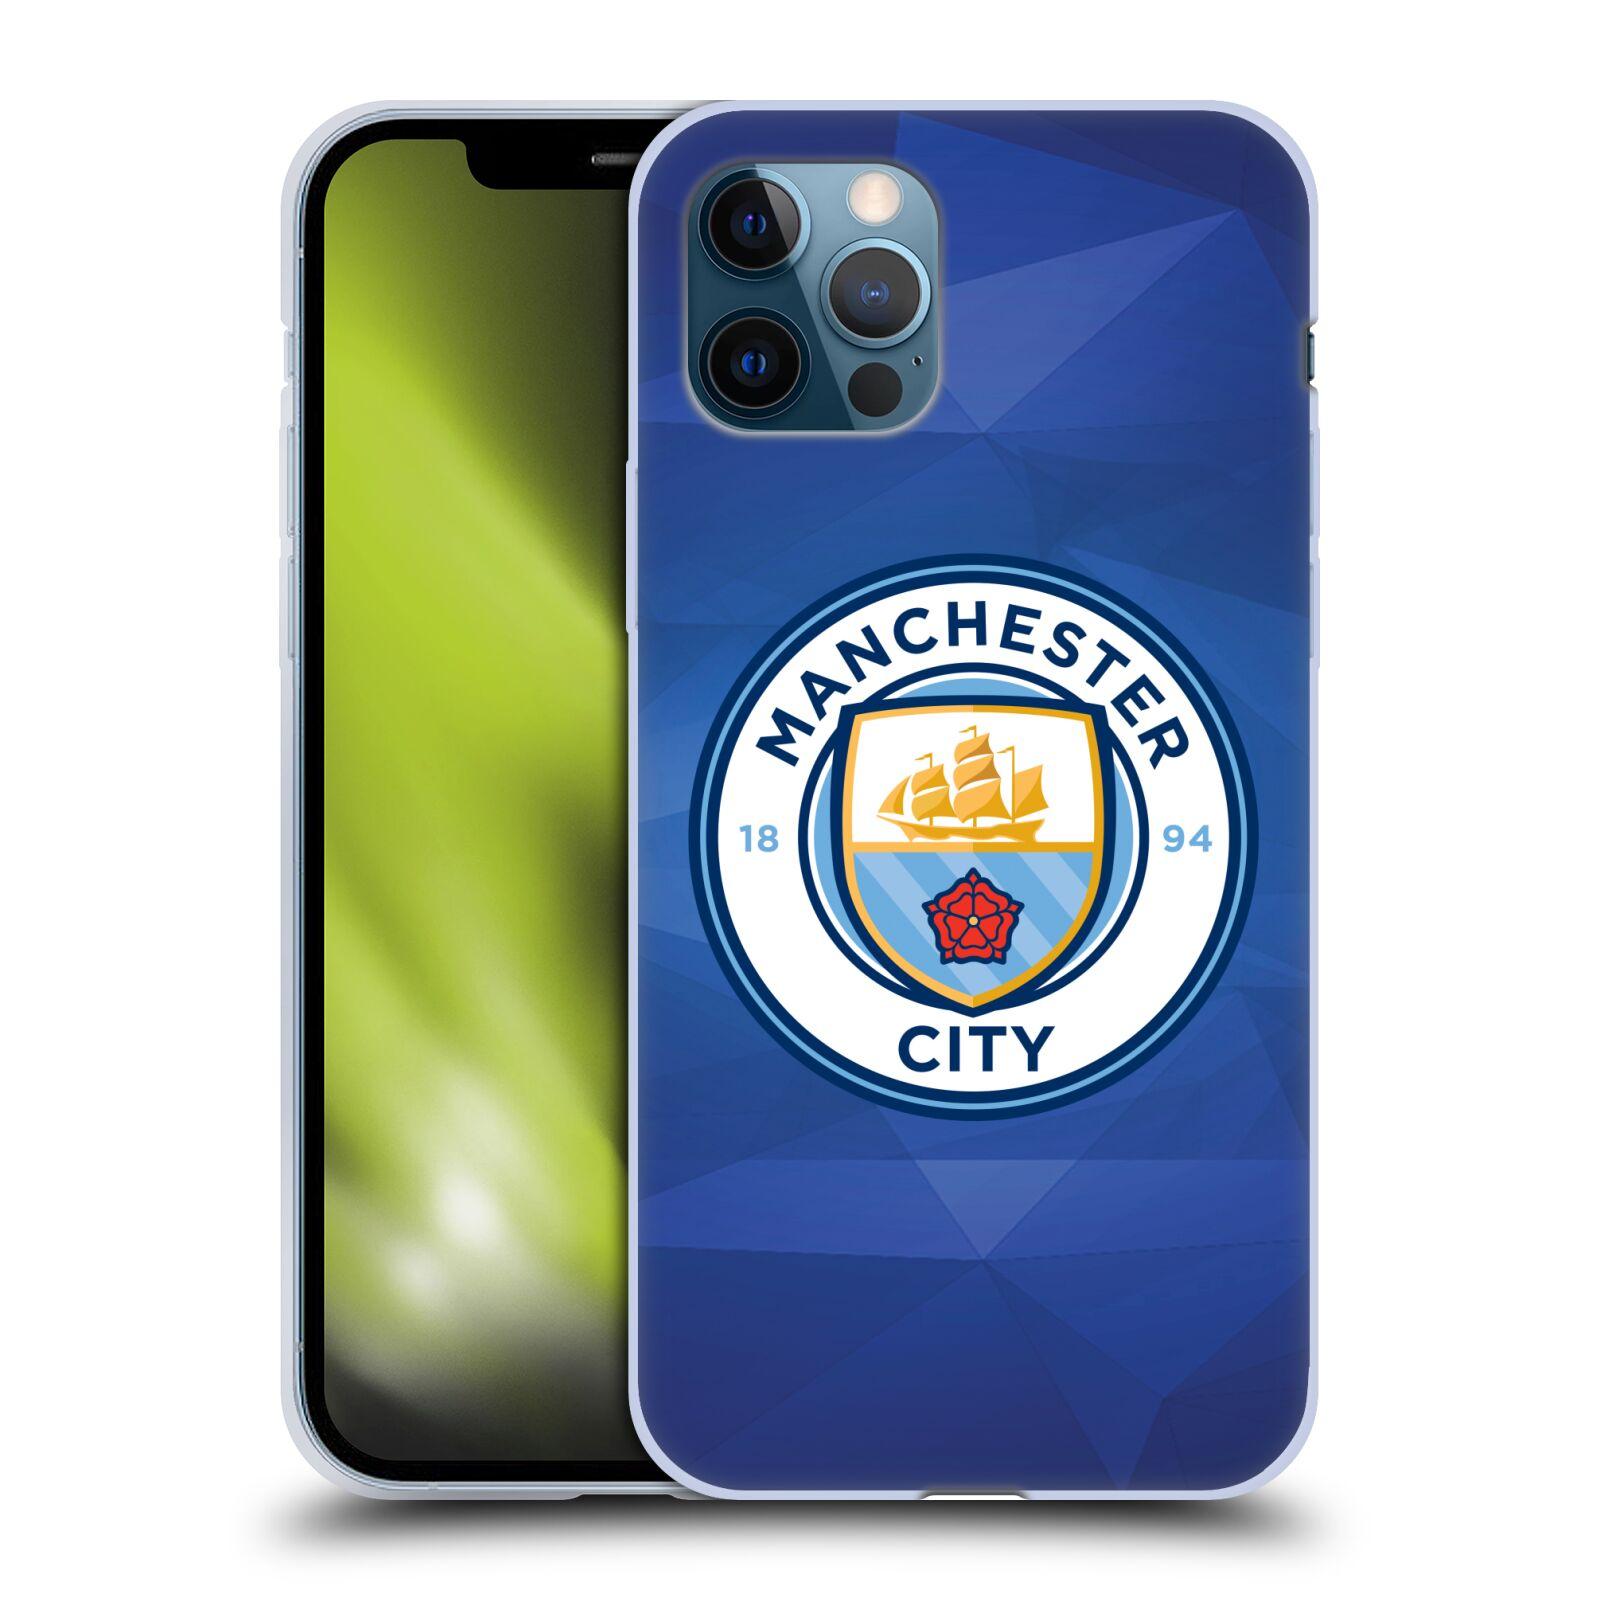 Silikonové pouzdro na mobil Apple iPhone 12 / 12 Pro - Head Case - Manchester City FC - Modré nové logo